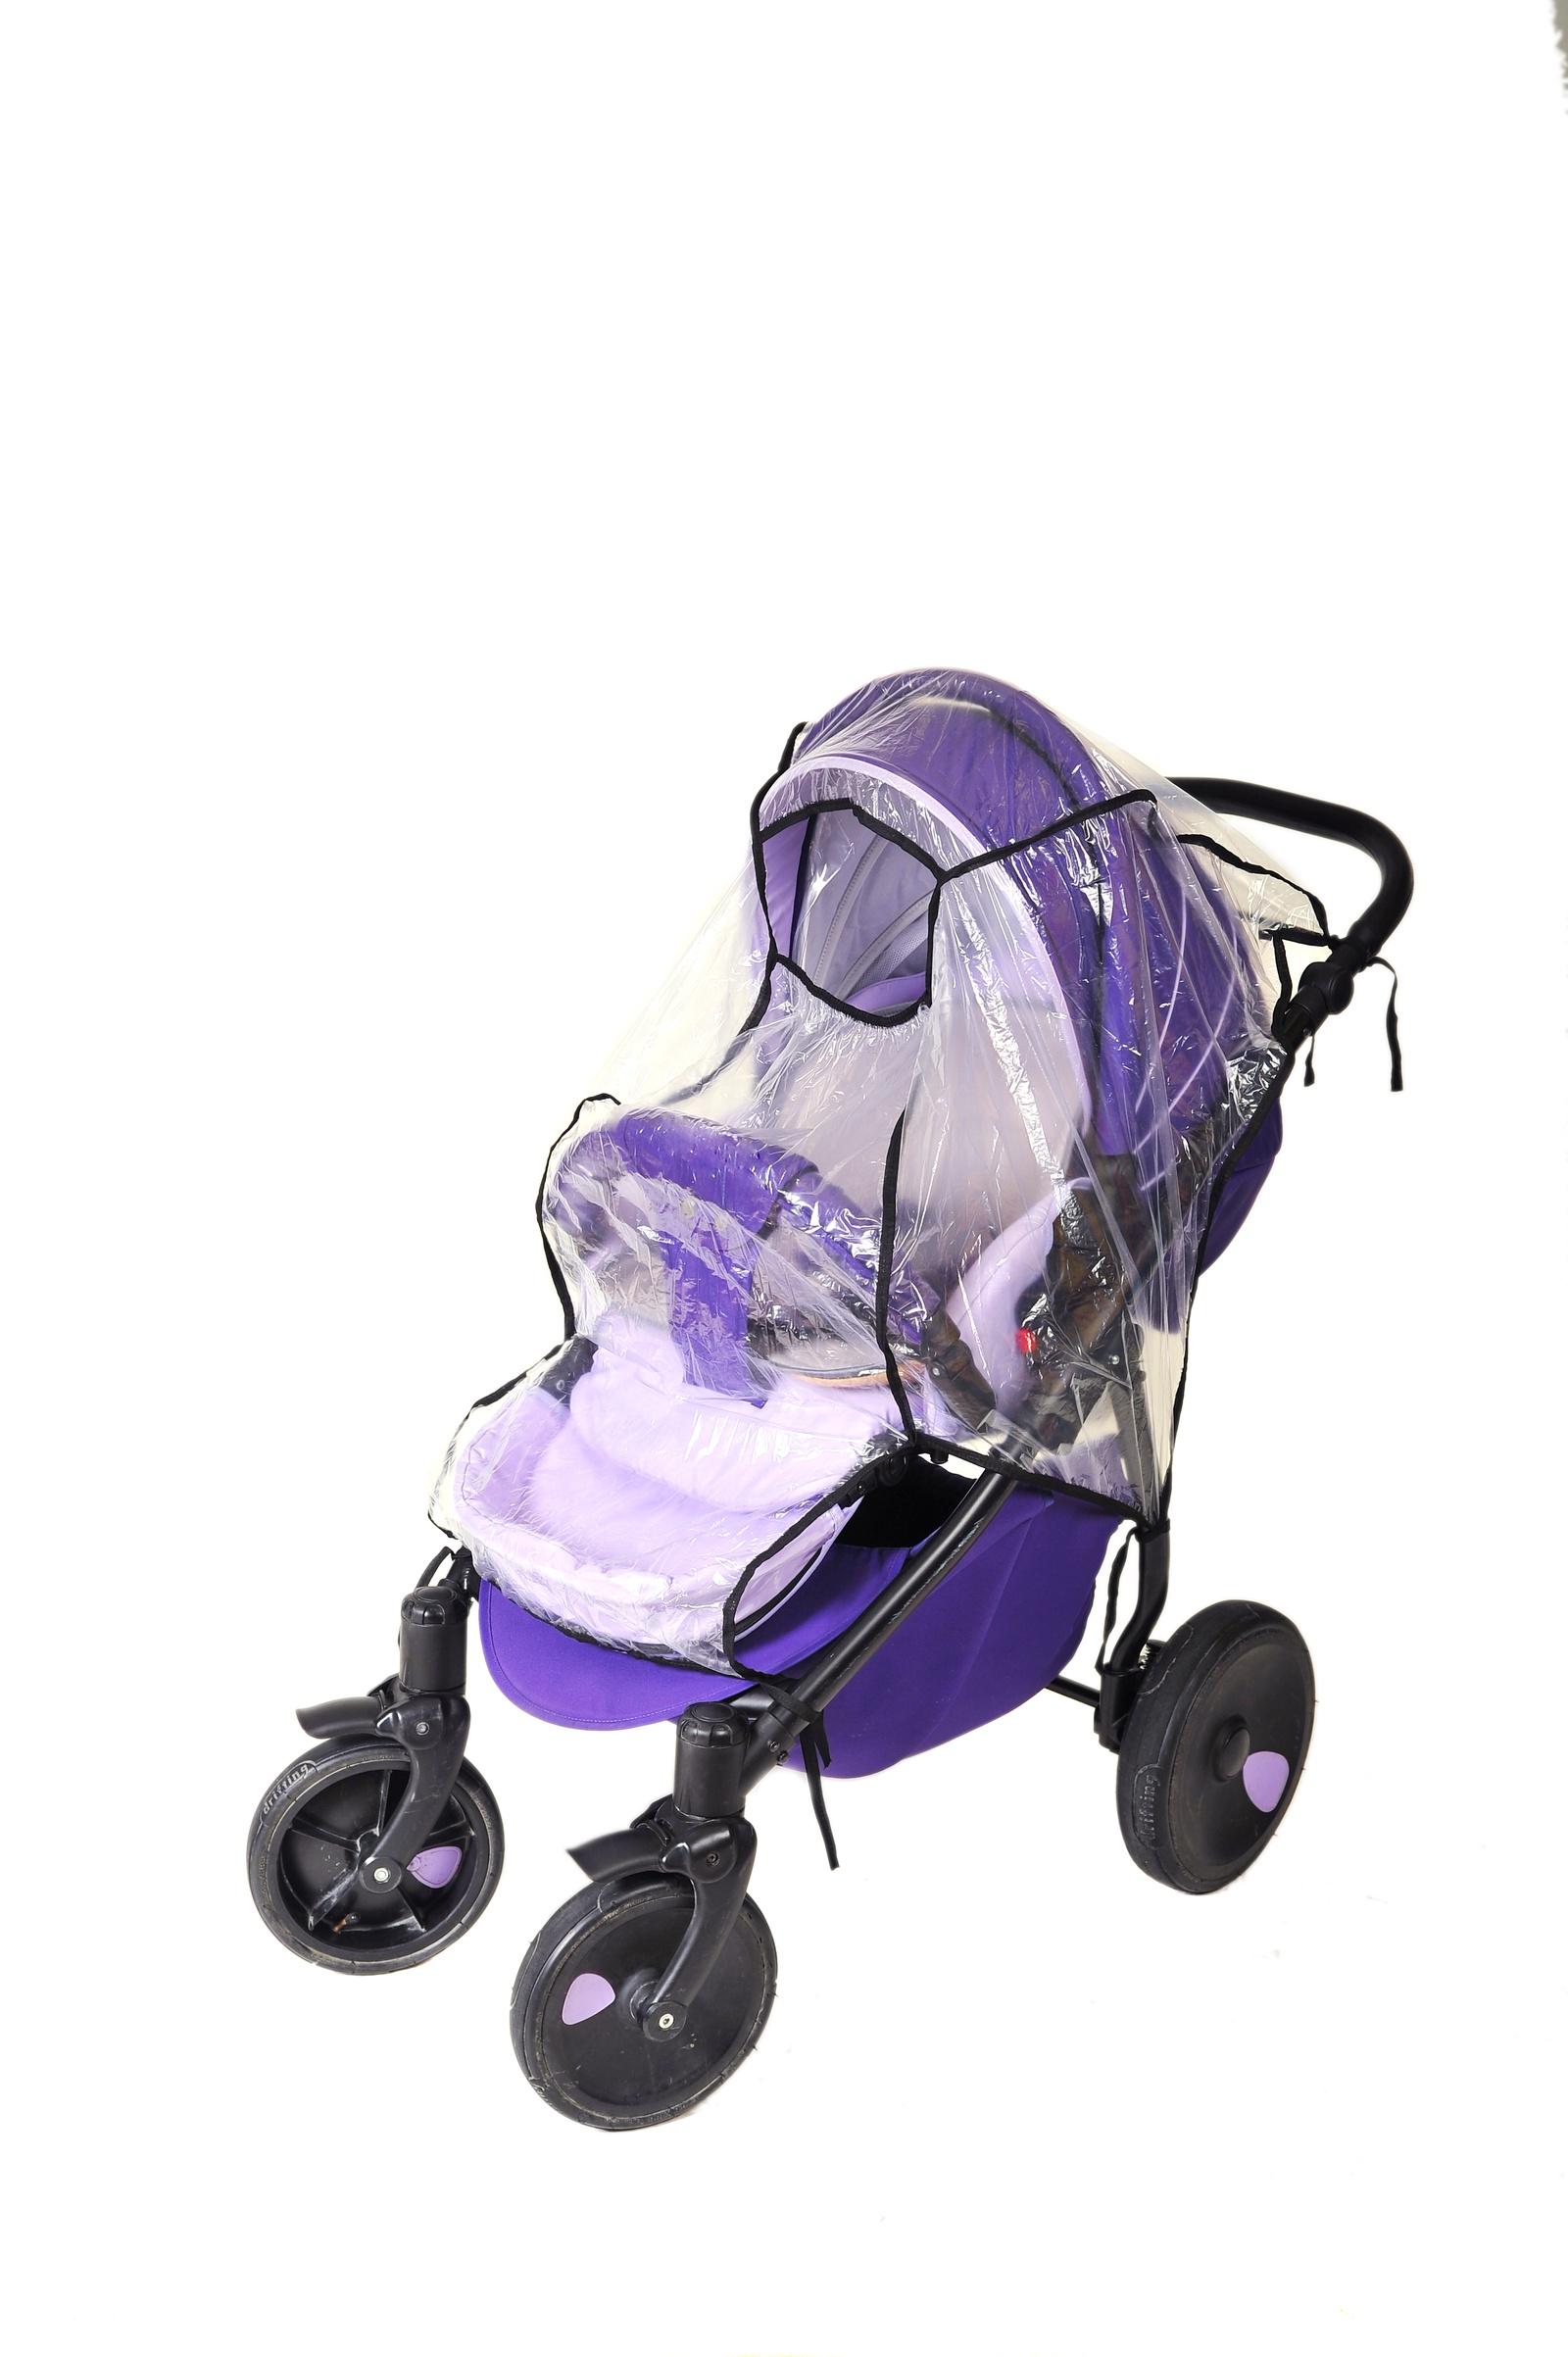 Аксессуар для колясок Шумелки Дождевик на прогулочную коляску прозрачный